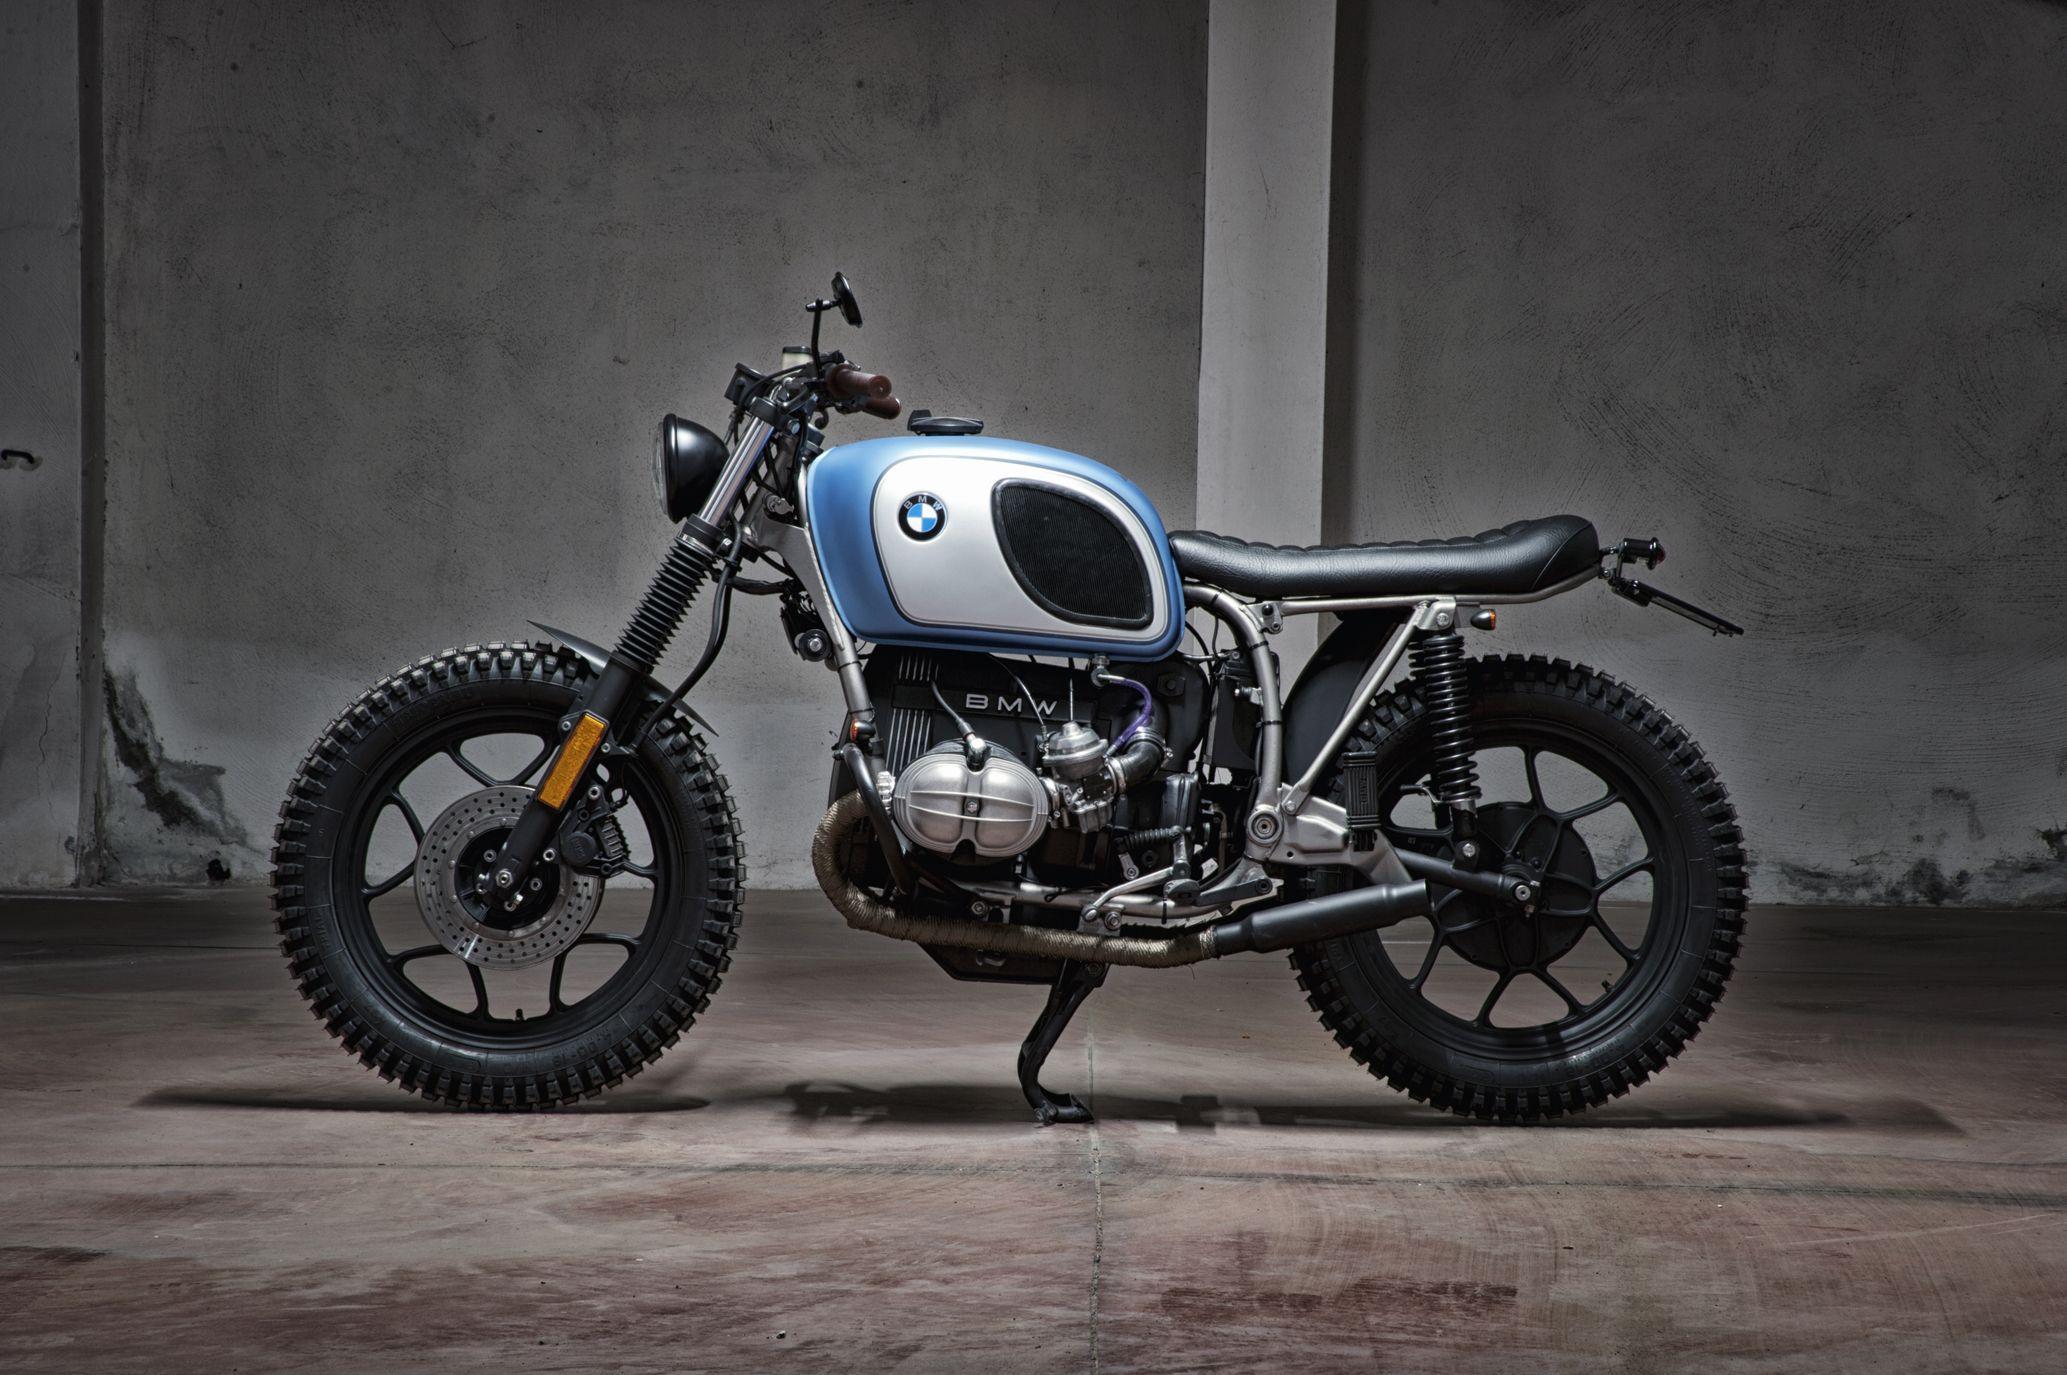 custom bmw motorcycles motorecyclos motos special. Black Bedroom Furniture Sets. Home Design Ideas